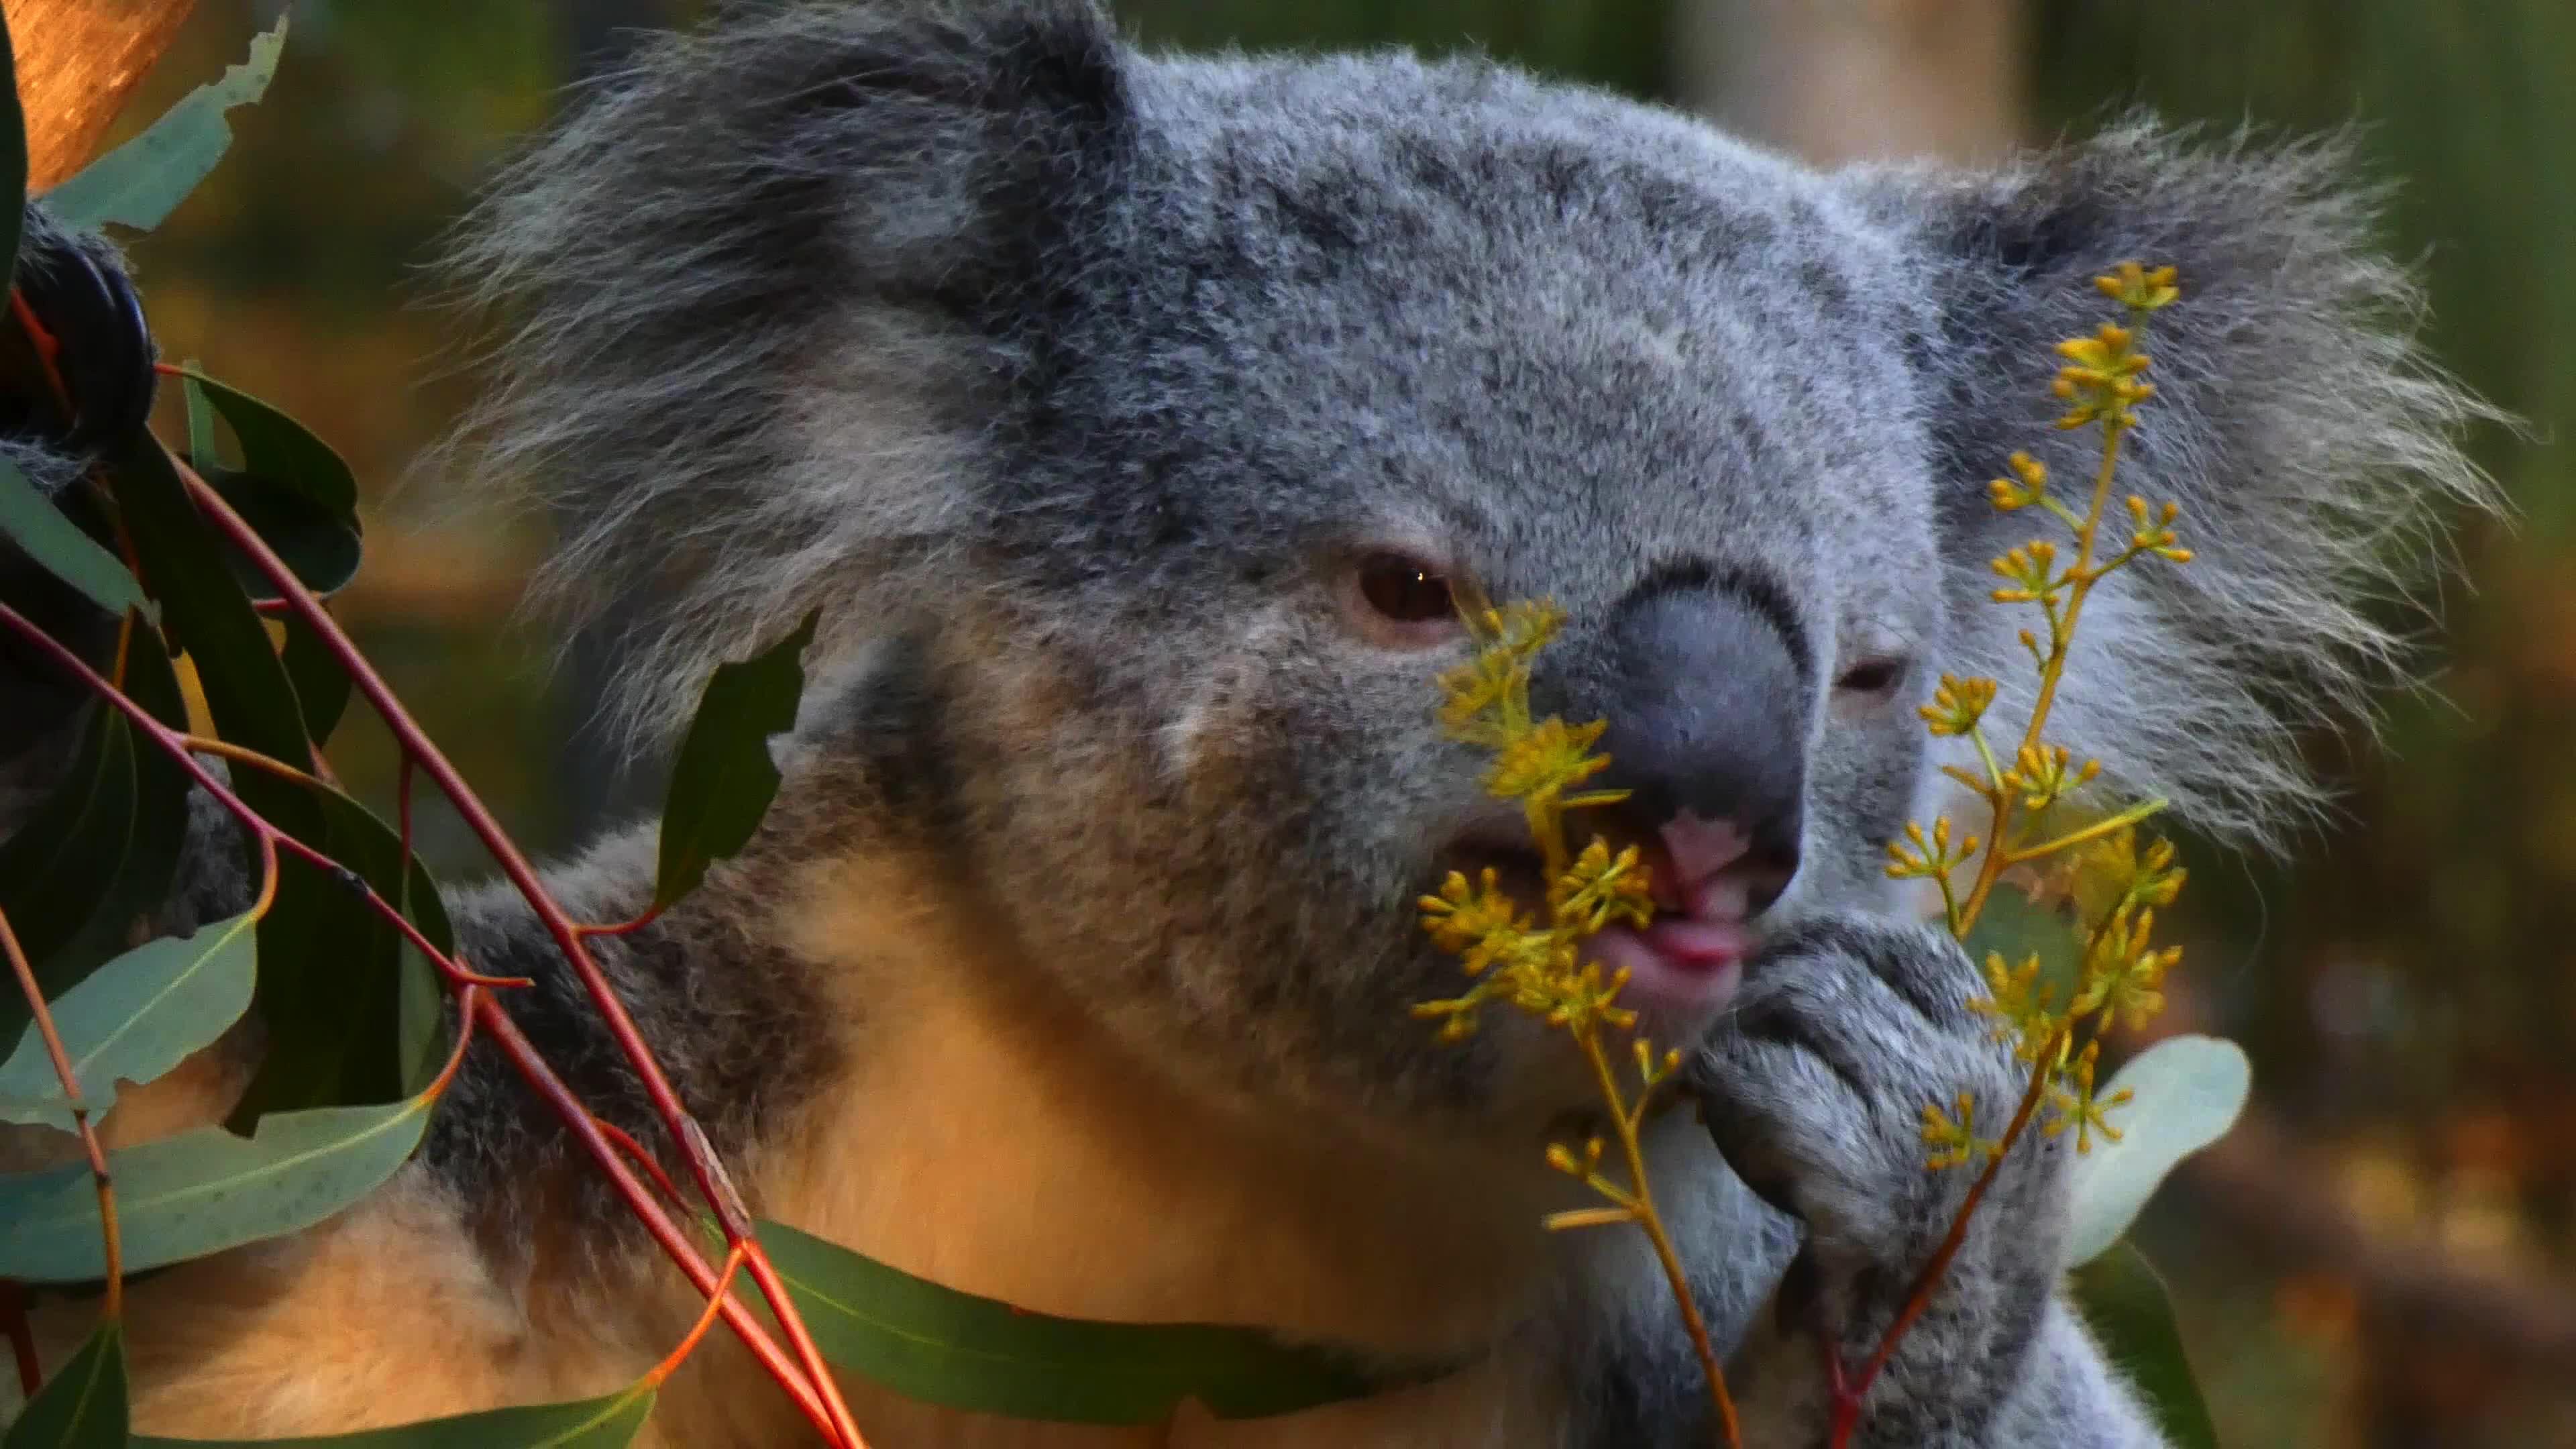 oso koala comiendo planta 4k - ¡Clips y Vídeos HD de Gratis en Videezy!